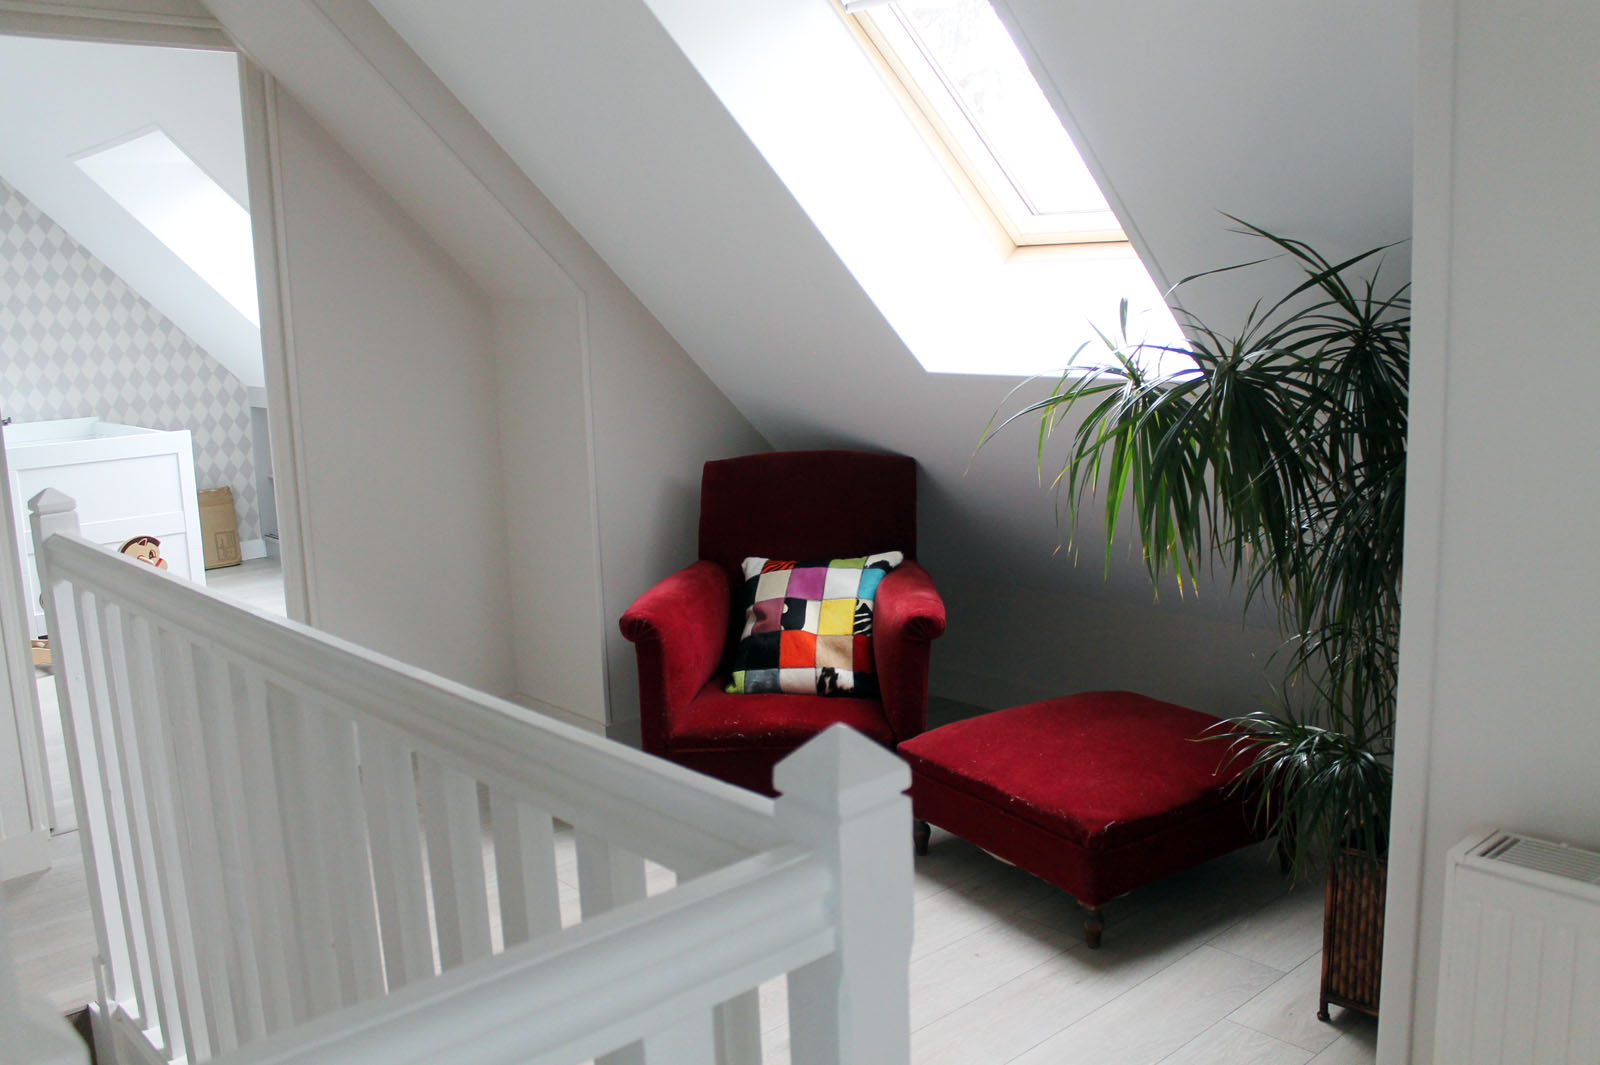 amenagement combles maison ancienne stunning dpose de lancienne isolation with amenagement. Black Bedroom Furniture Sets. Home Design Ideas